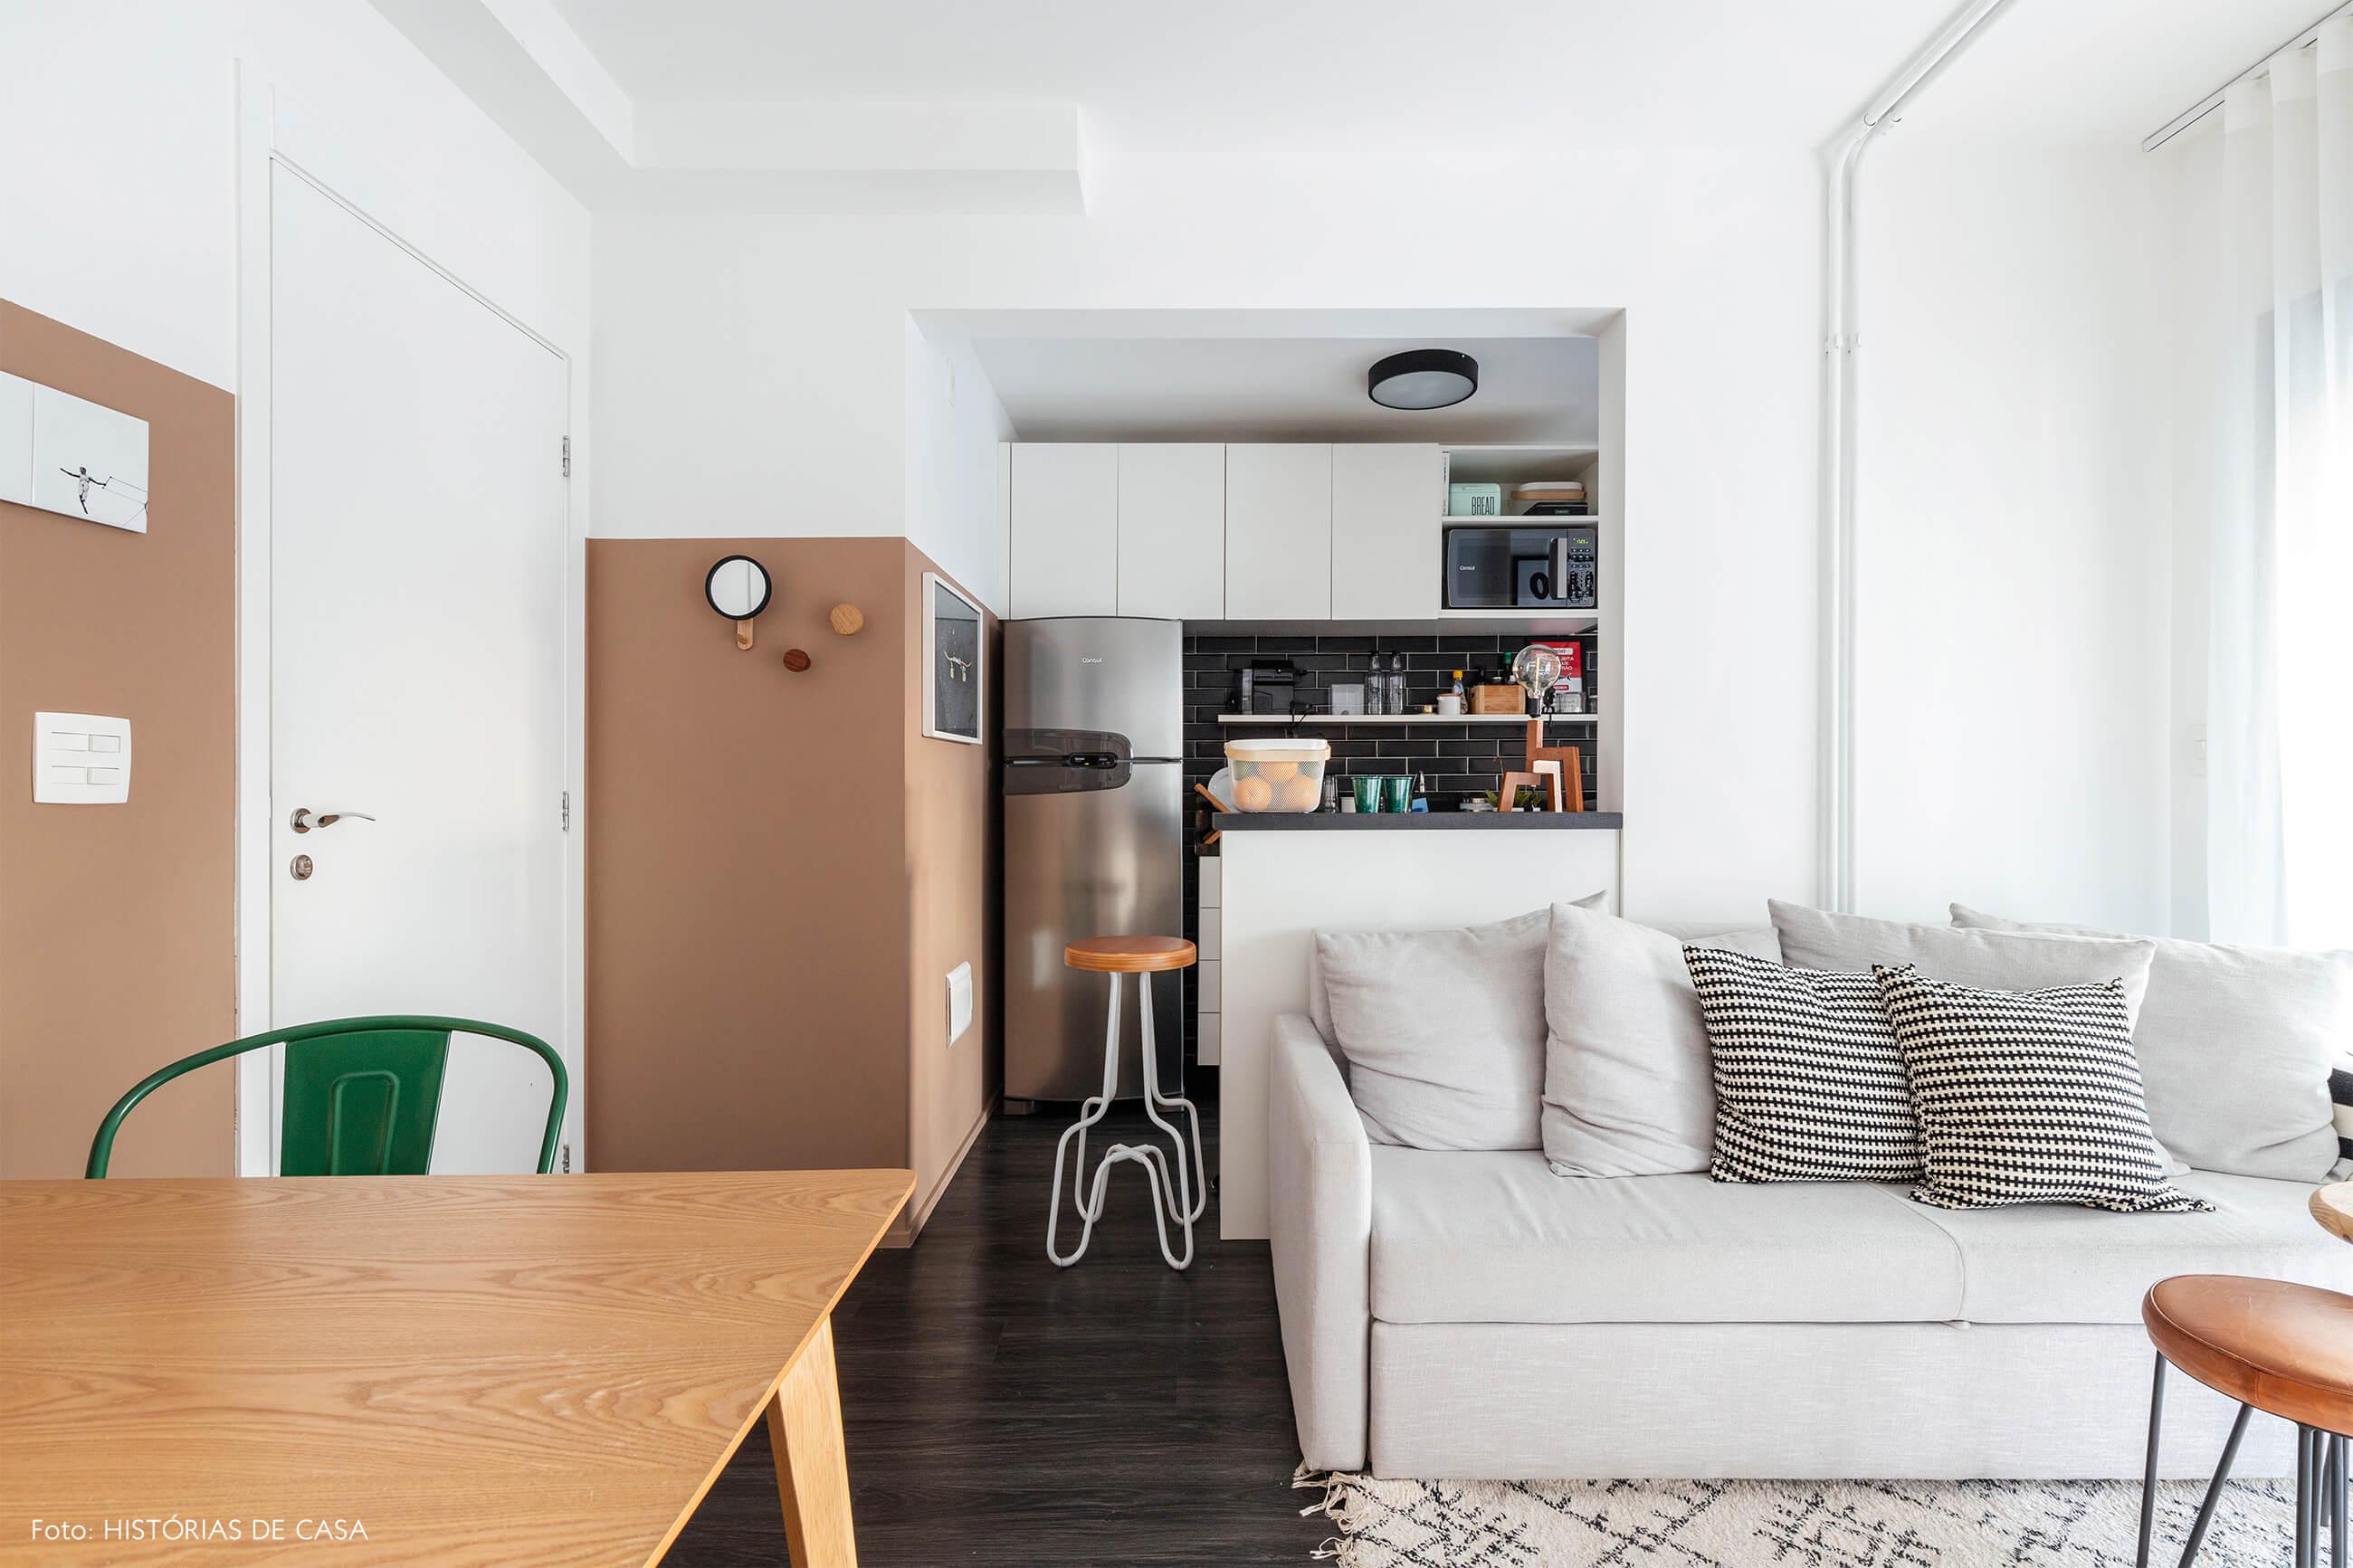 Sala e cozinha com parede bege rosa e mesa de madeira clara e sofá cinza